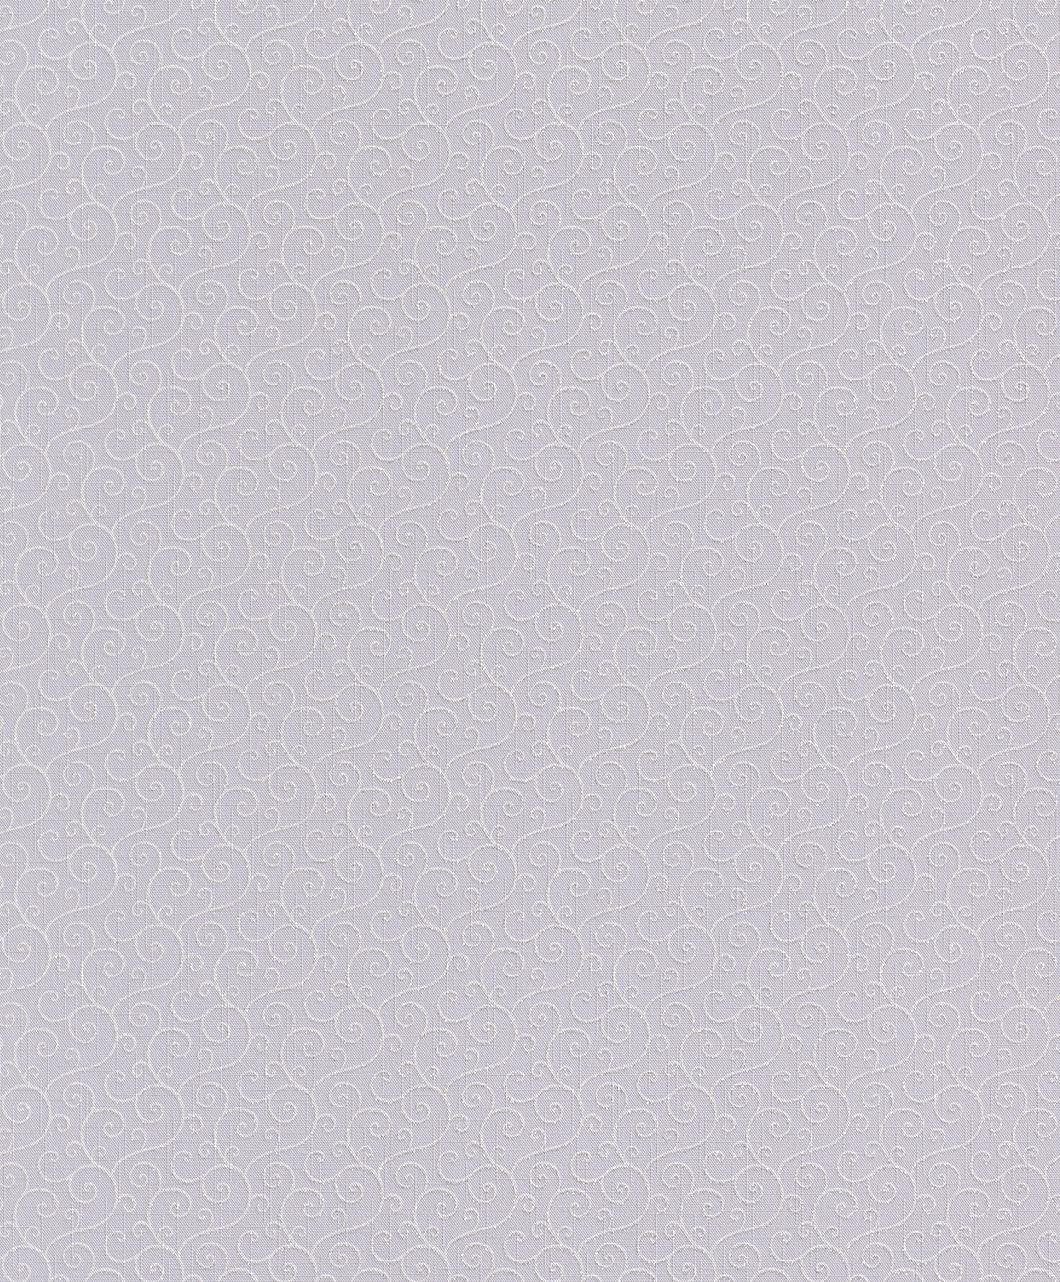 Tapeta na zeď Rasch Shiny Chic 423822 | 0,53x10,05m (Vliesové tapety - šedá, stříbrná)